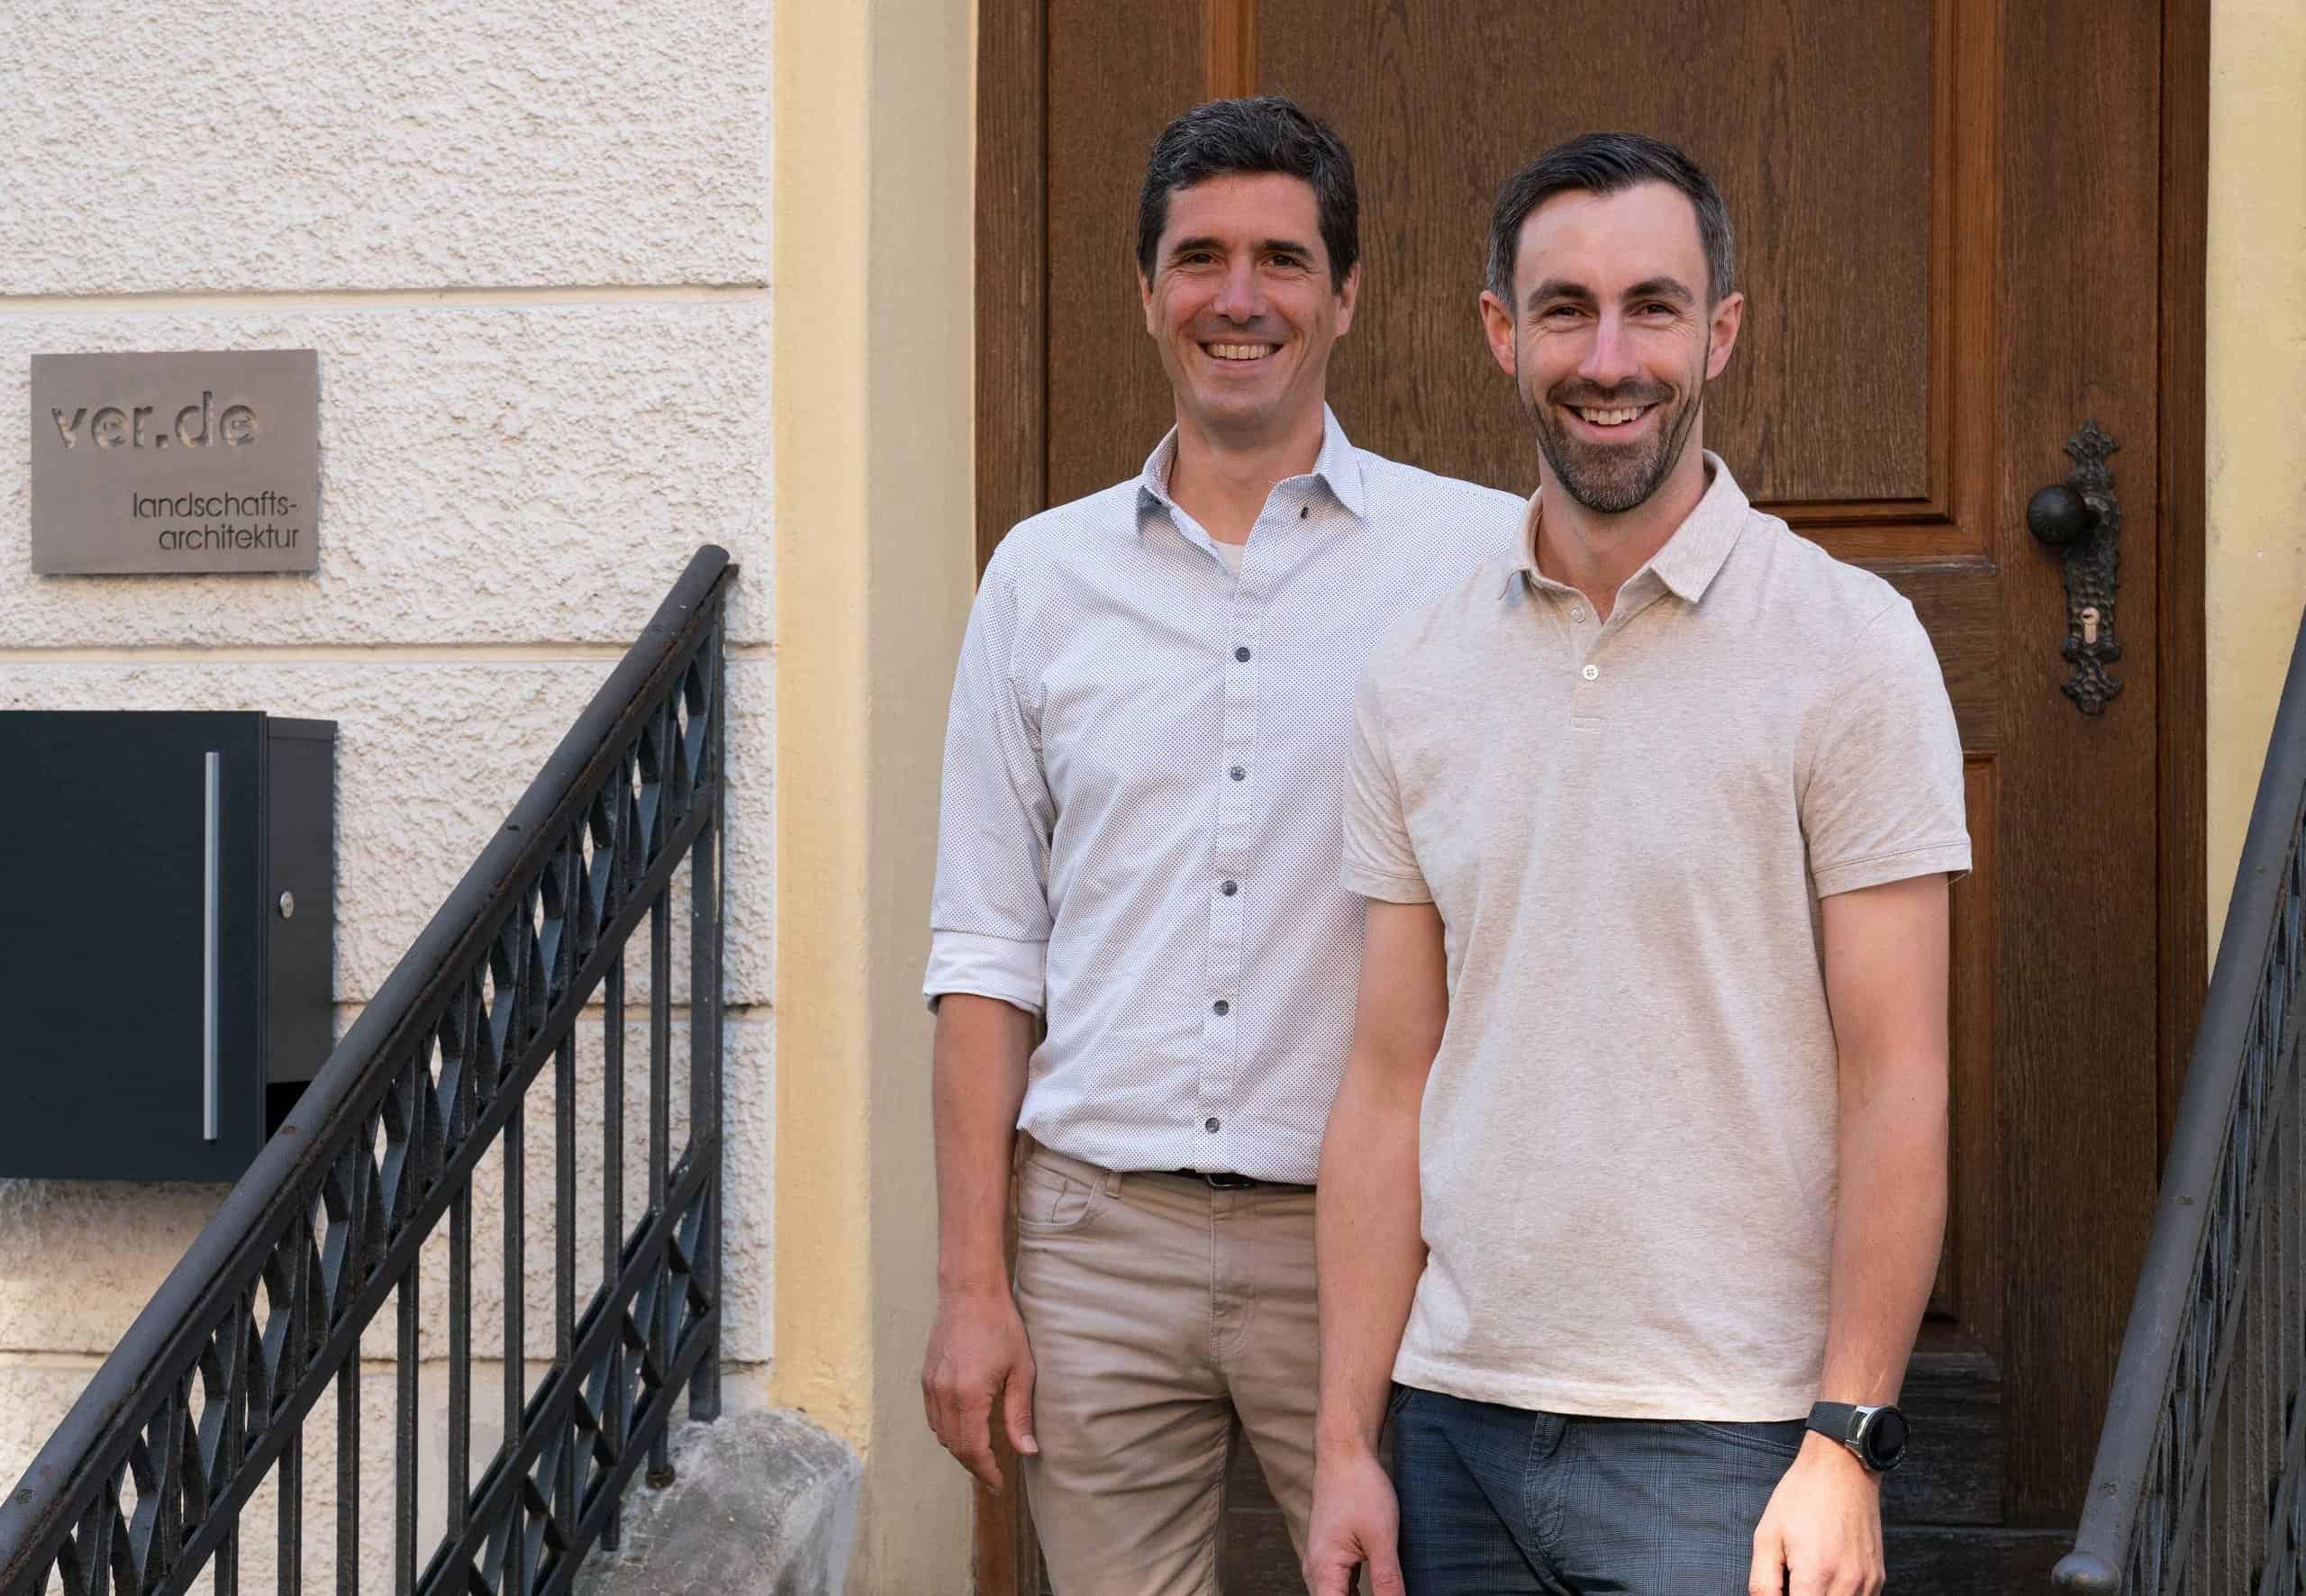 Bild: Stephan Gentz und Simon Winkler, die neuen Partner in der Geschäftsführung von ver.de, Foto: ver.de